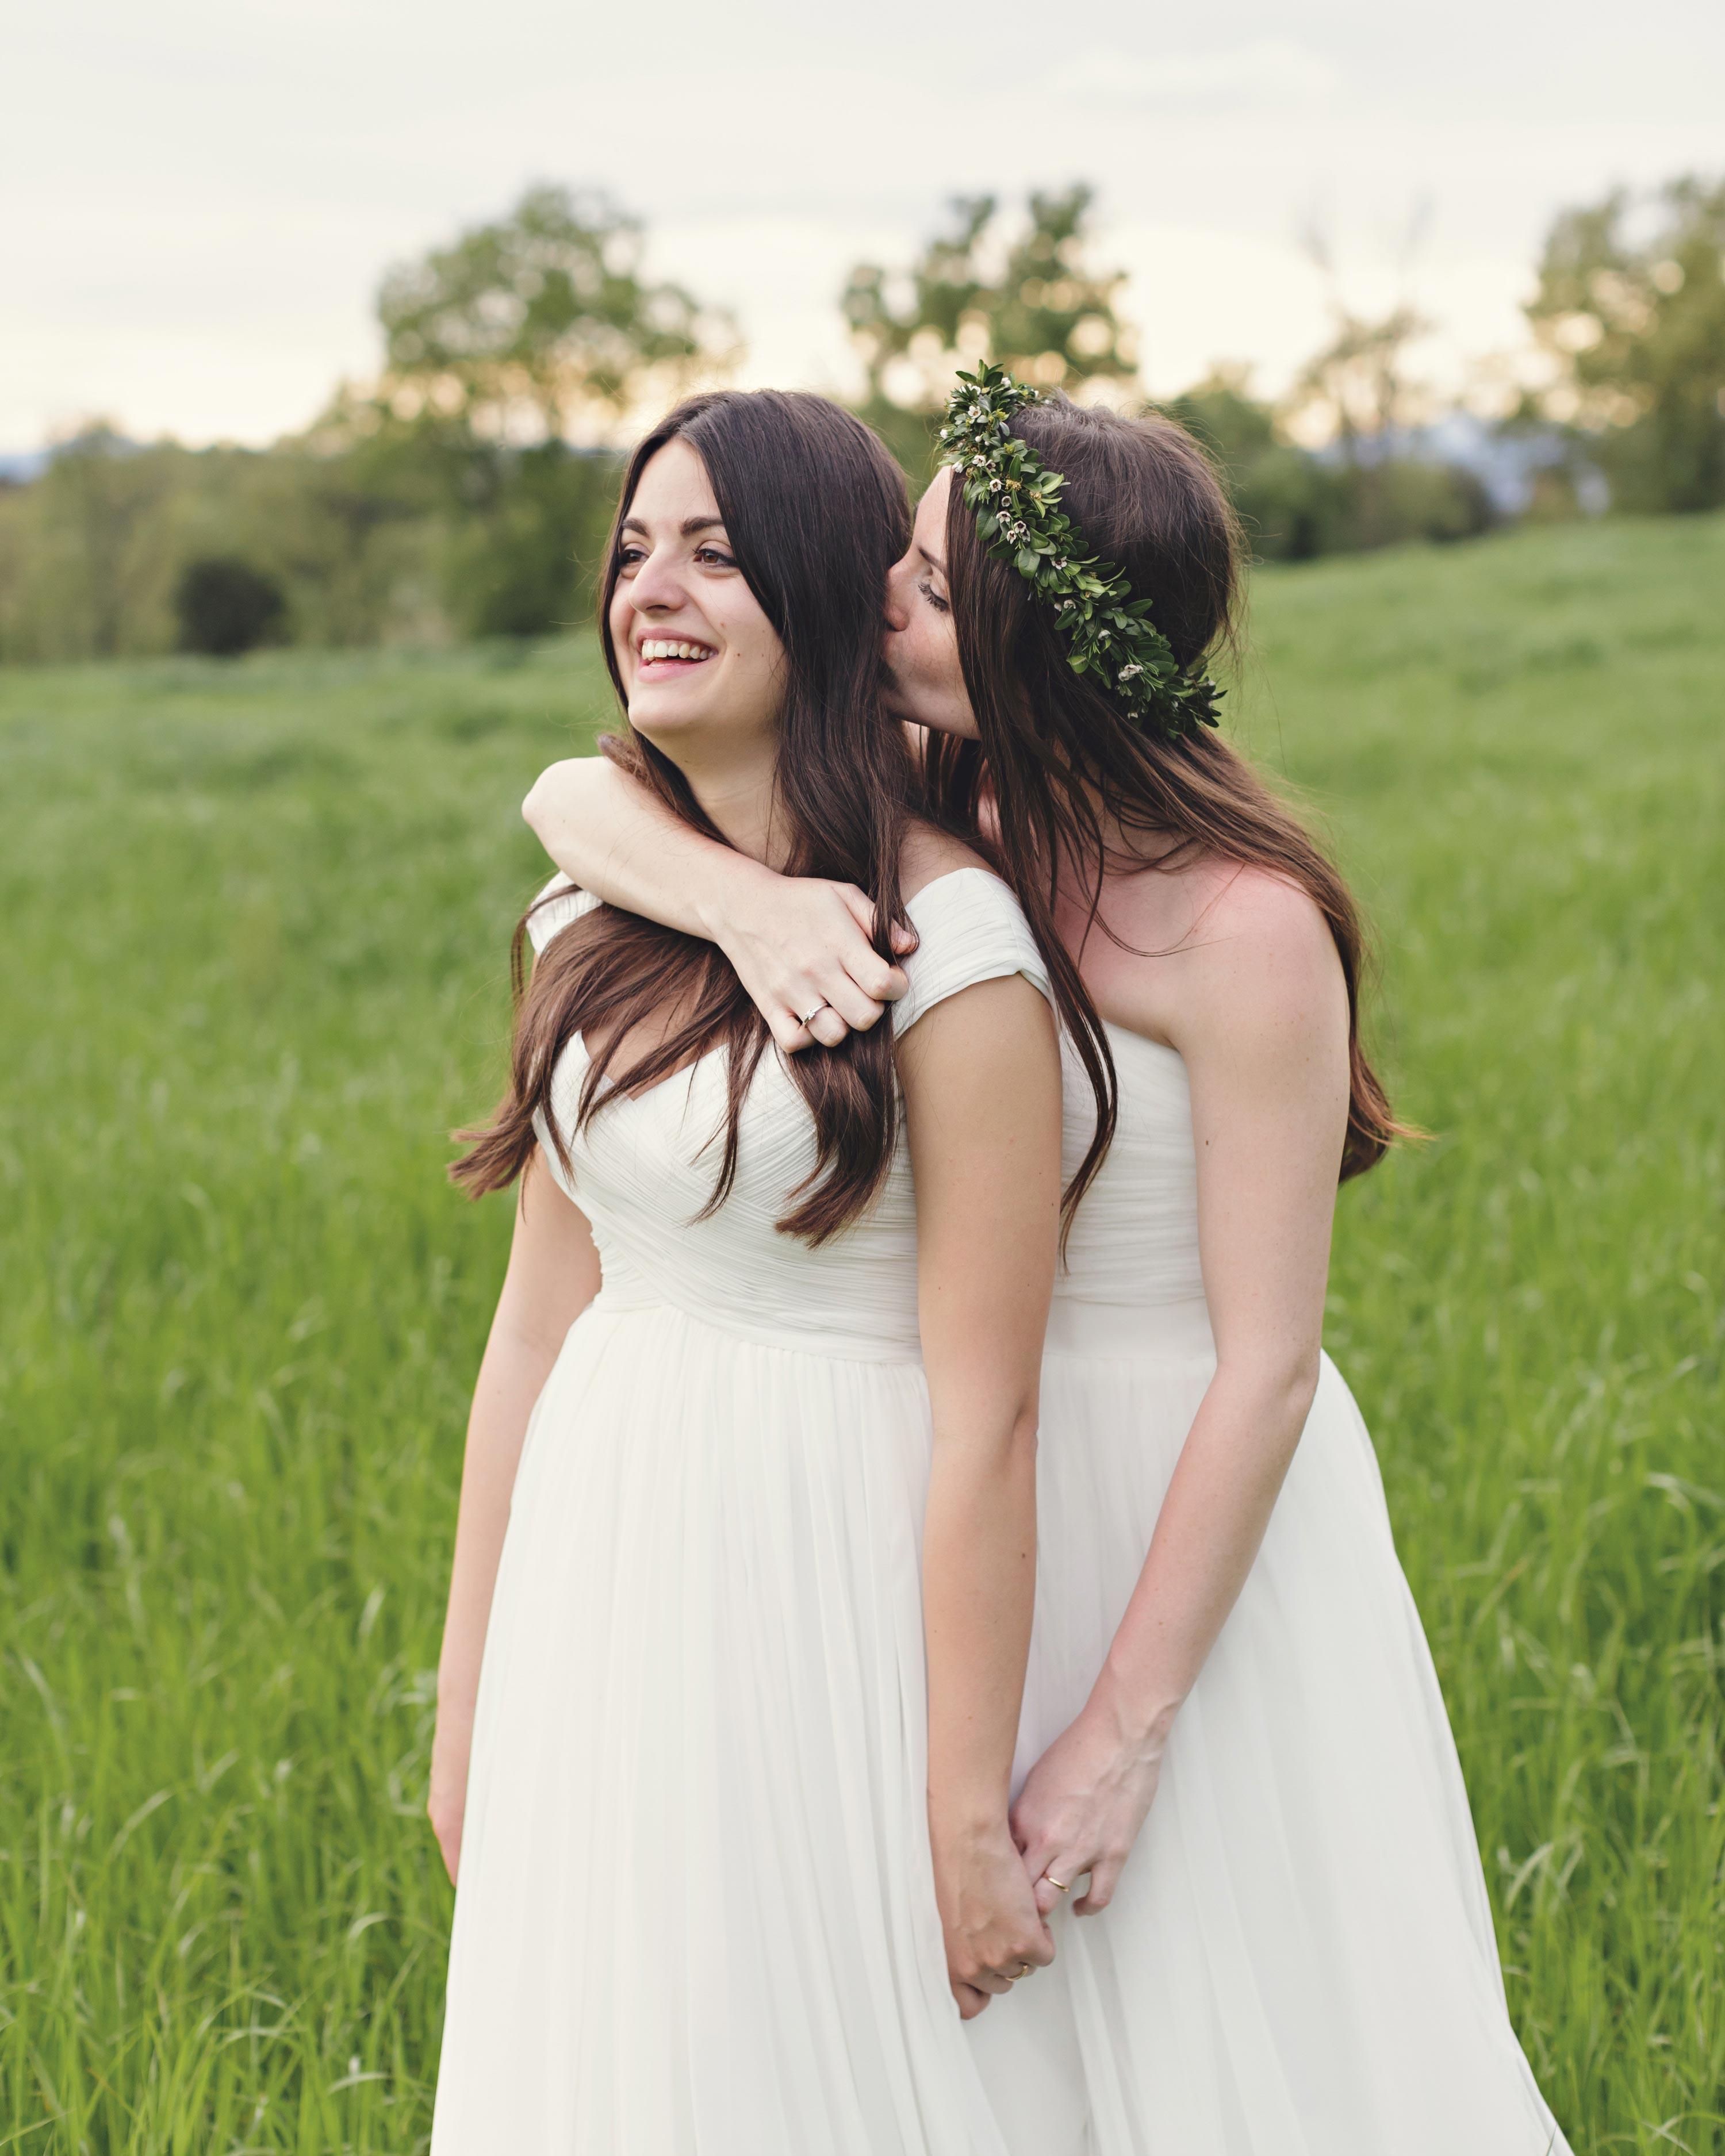 anna-ania-wedding-couple-093-s112510-0216.jpg